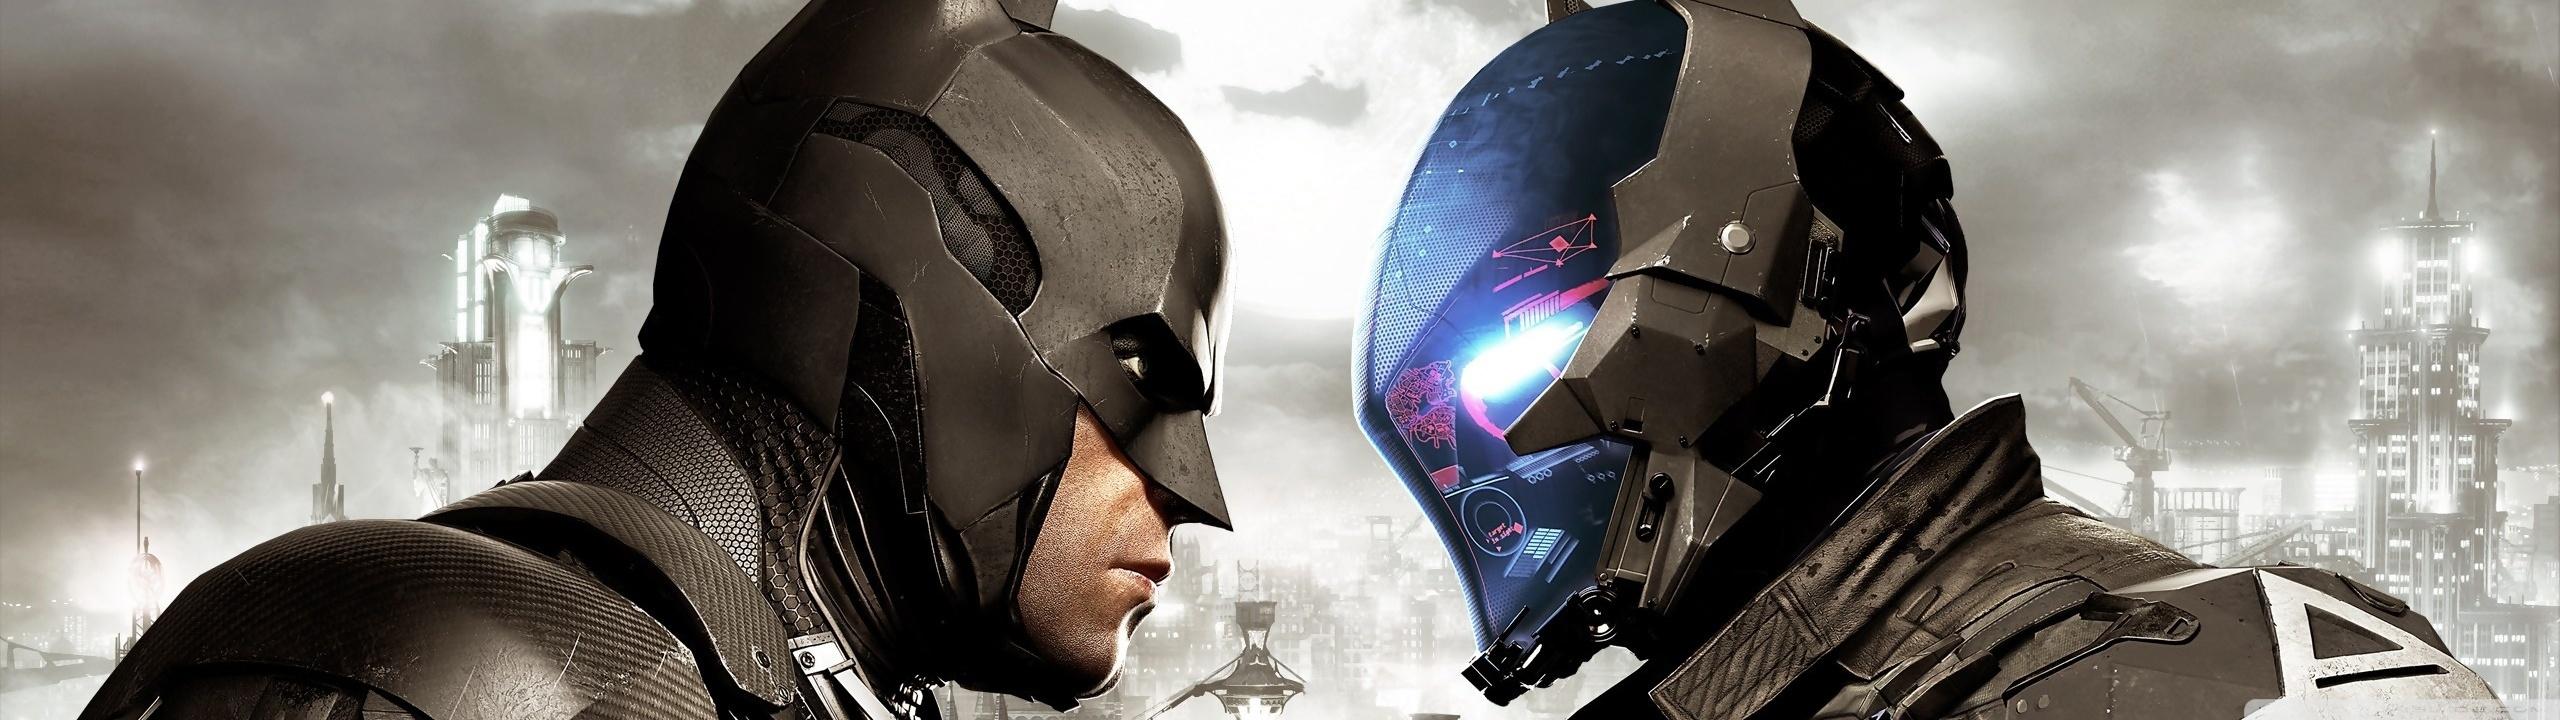 batman arkham knight ❤ 4k hd desktop wallpaper for • wide & ultra